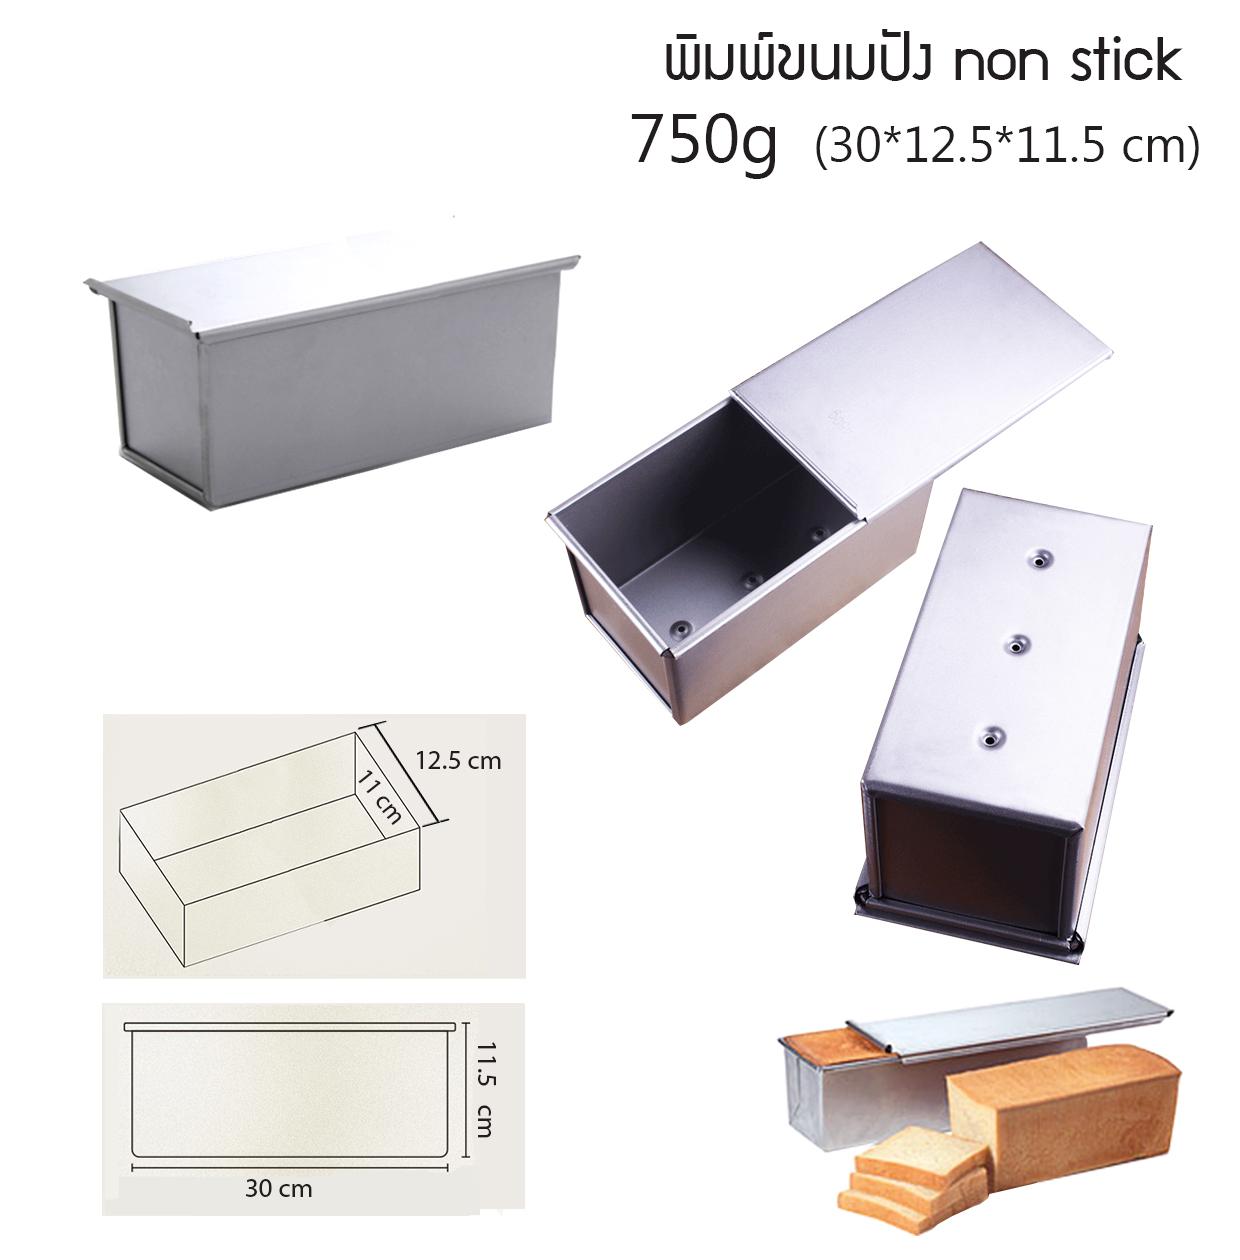 พิมพ์ขนมปัง non stick 750g (30*12.5*11.5 cm)